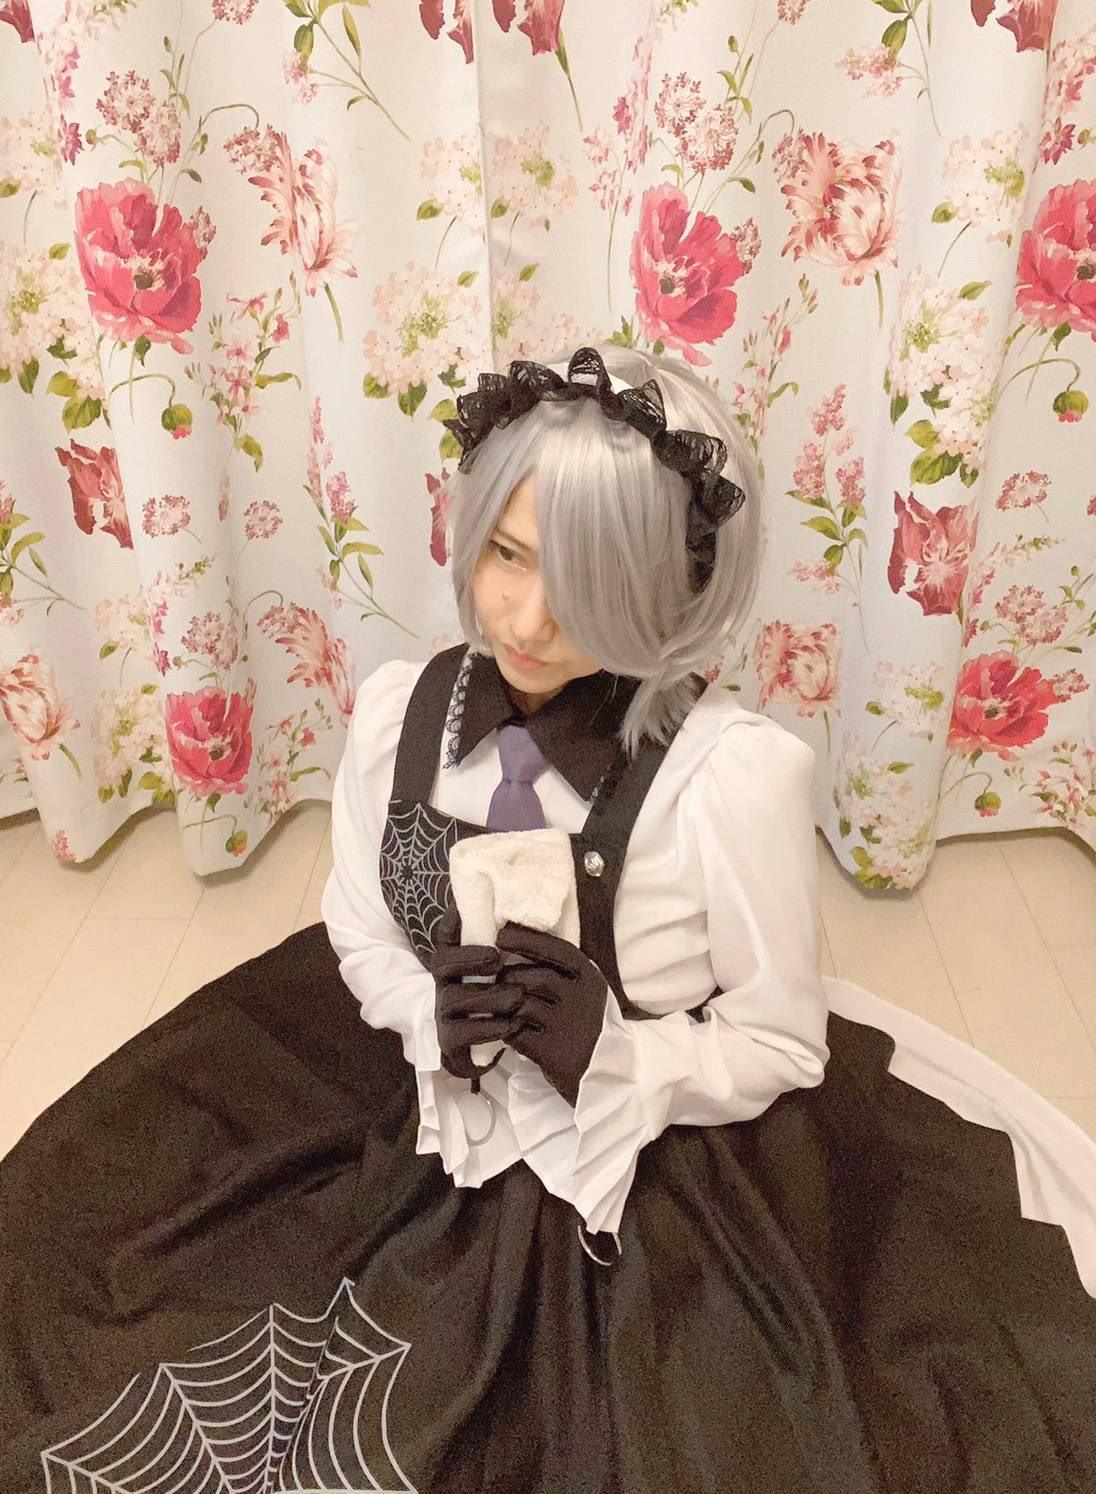 Setelah Bercosplay Maid, Seiyuu Berumur 55 Tahun Ini Tampak 40 Tahun Lebih Muda 1